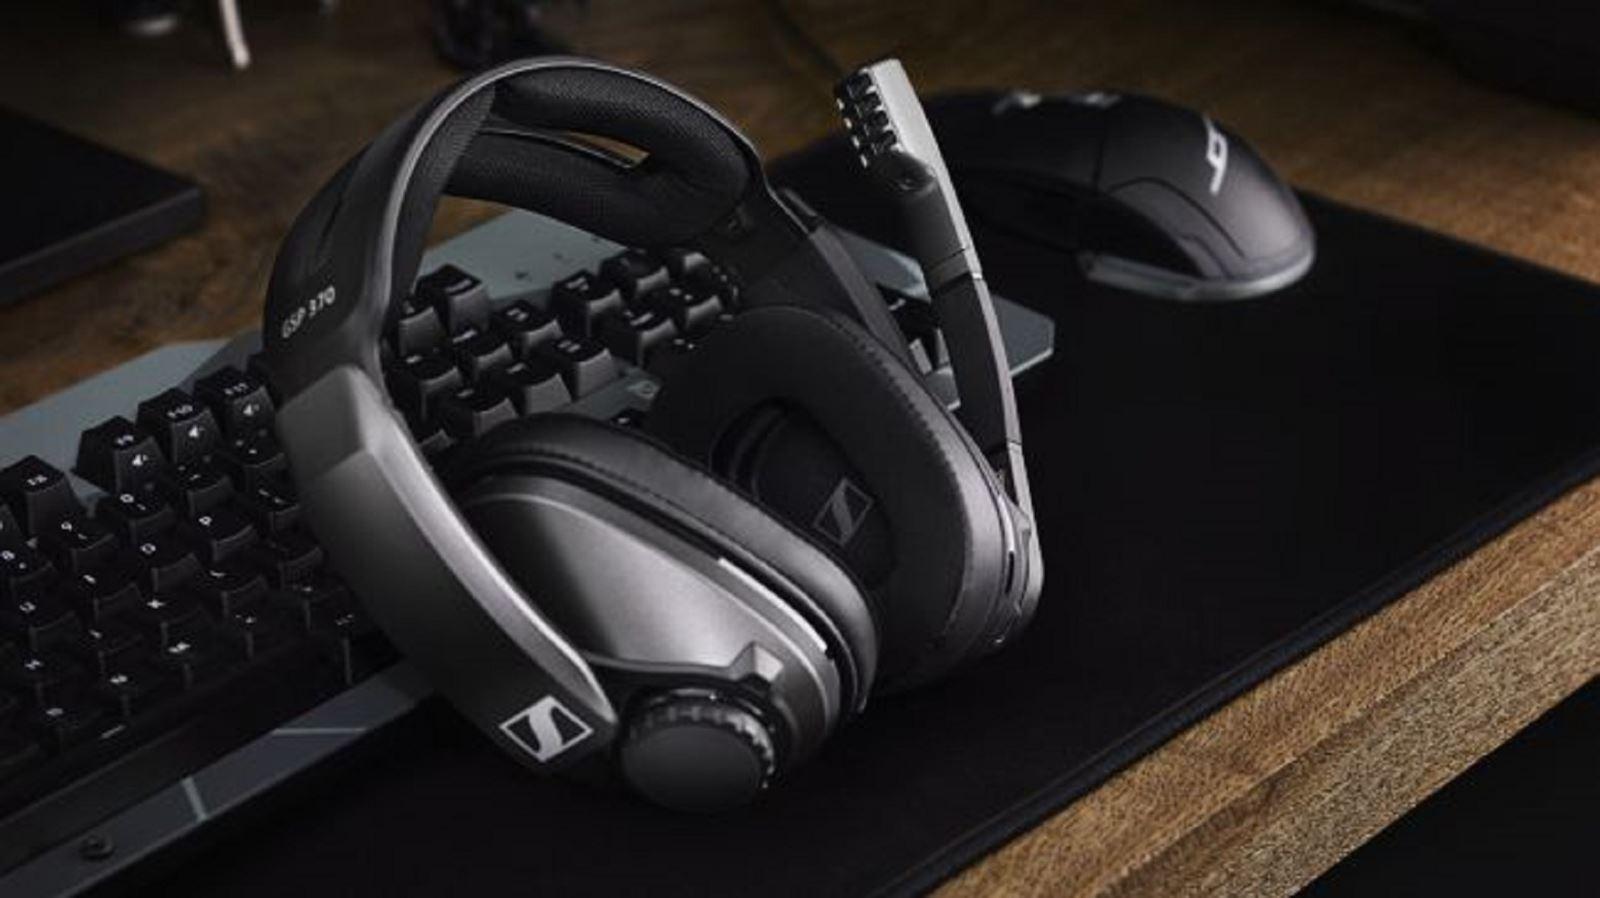 Sennheiser ra mắt GSP 370:Tai nghe gaming không dây, nghe liên tục 100 tiếng mỗi lần sạc, giá 200 USD